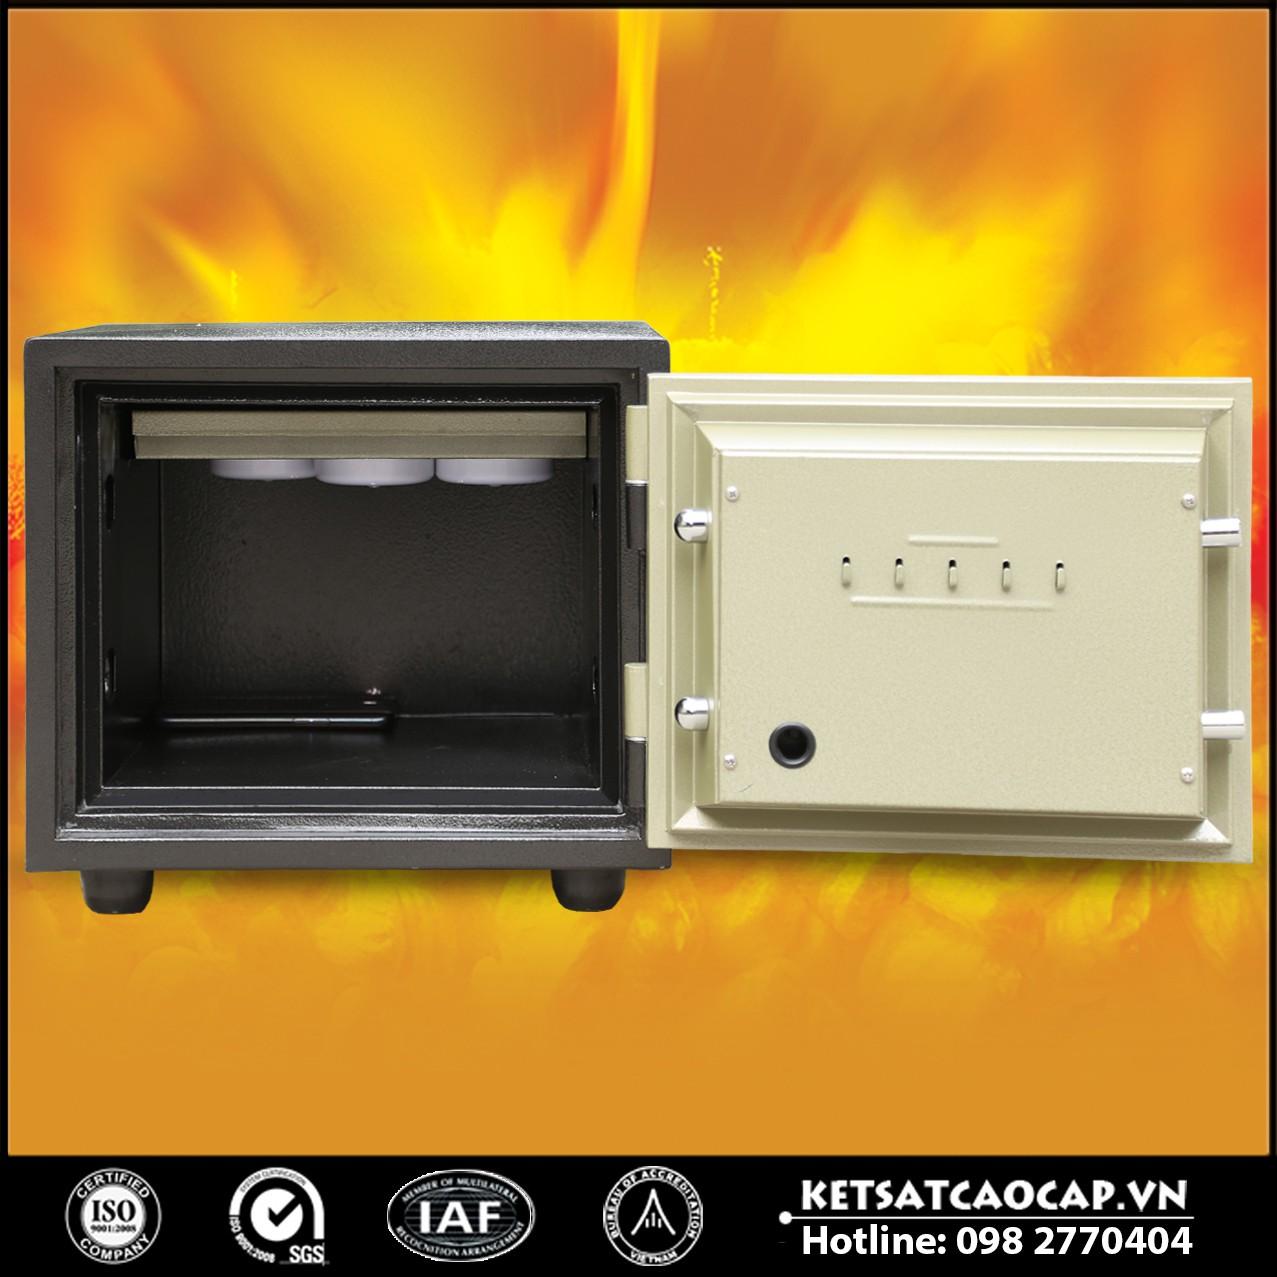 Két Sắt Chống Cháy LX400 - E Gold